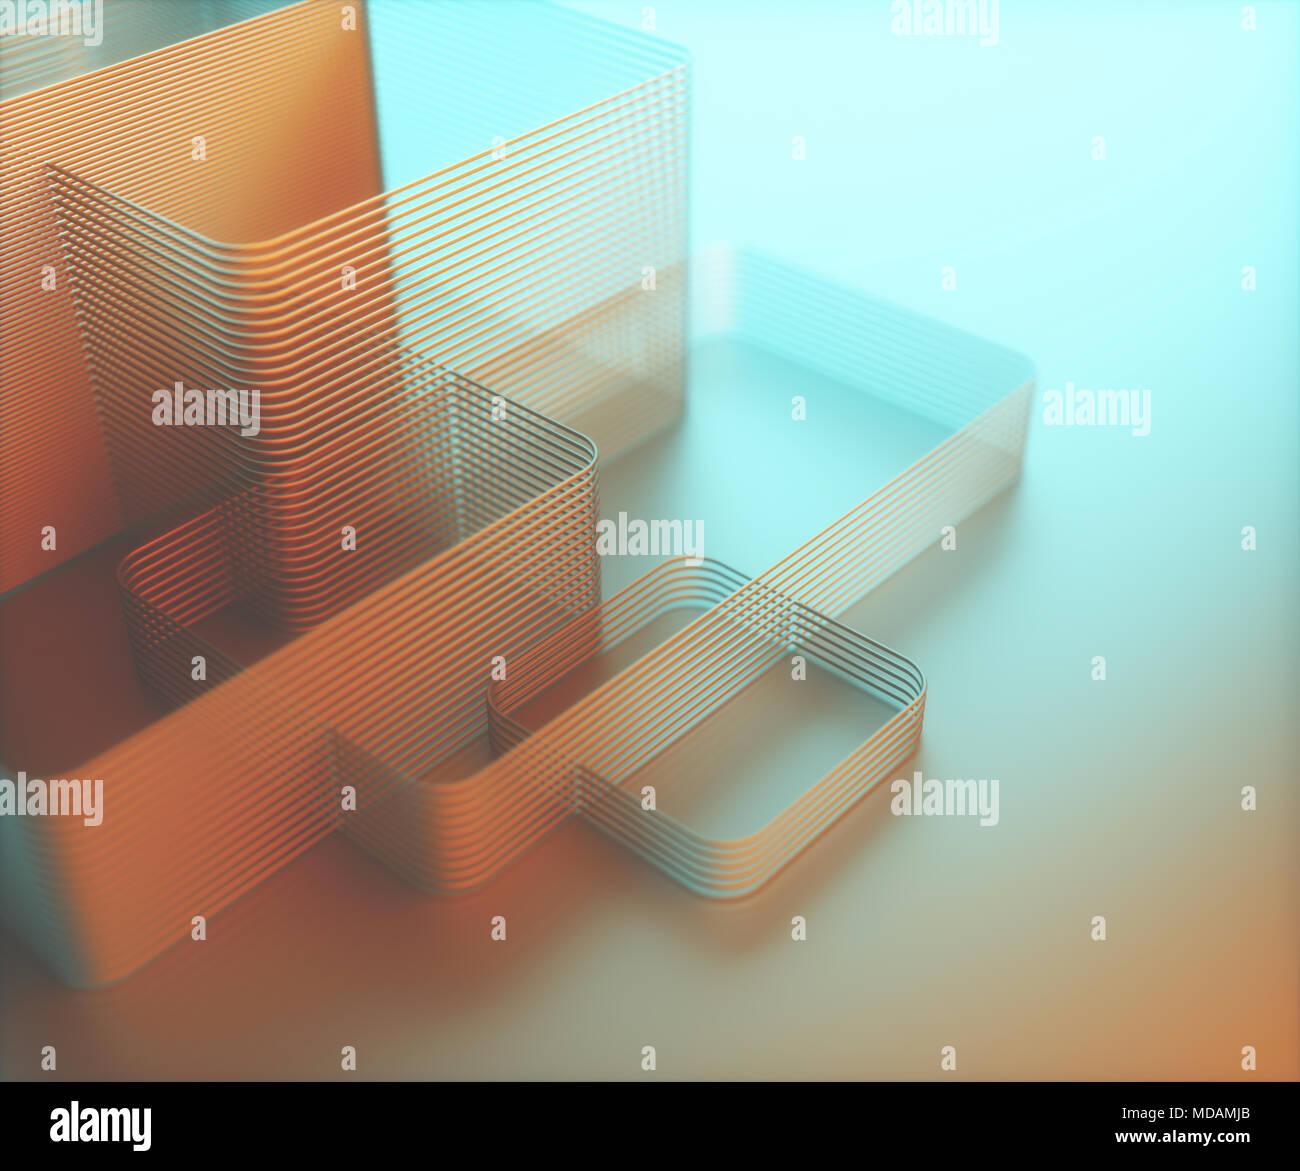 3D-Darstellung. Künstlerische abstrakte röhrenförmigen Struktur. Bild mit hellen und bunten Schatten in Blau und Orange. Stockbild